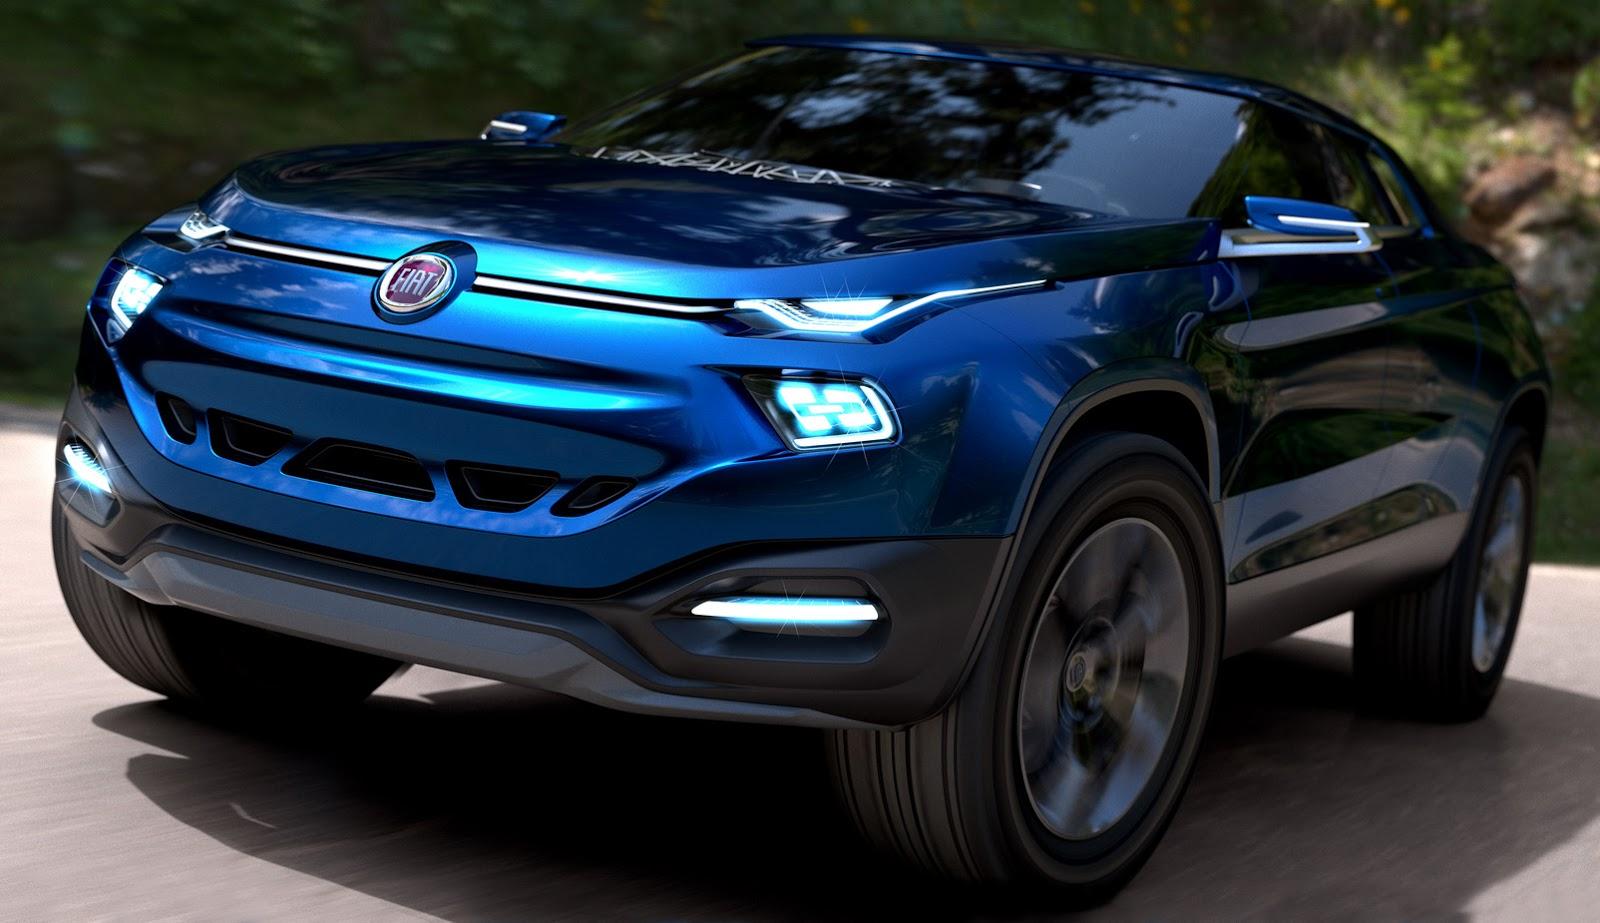 Precio Fiat Freemont 2017 >> FCC4 Concept is Fiat's Idea of a…Four-